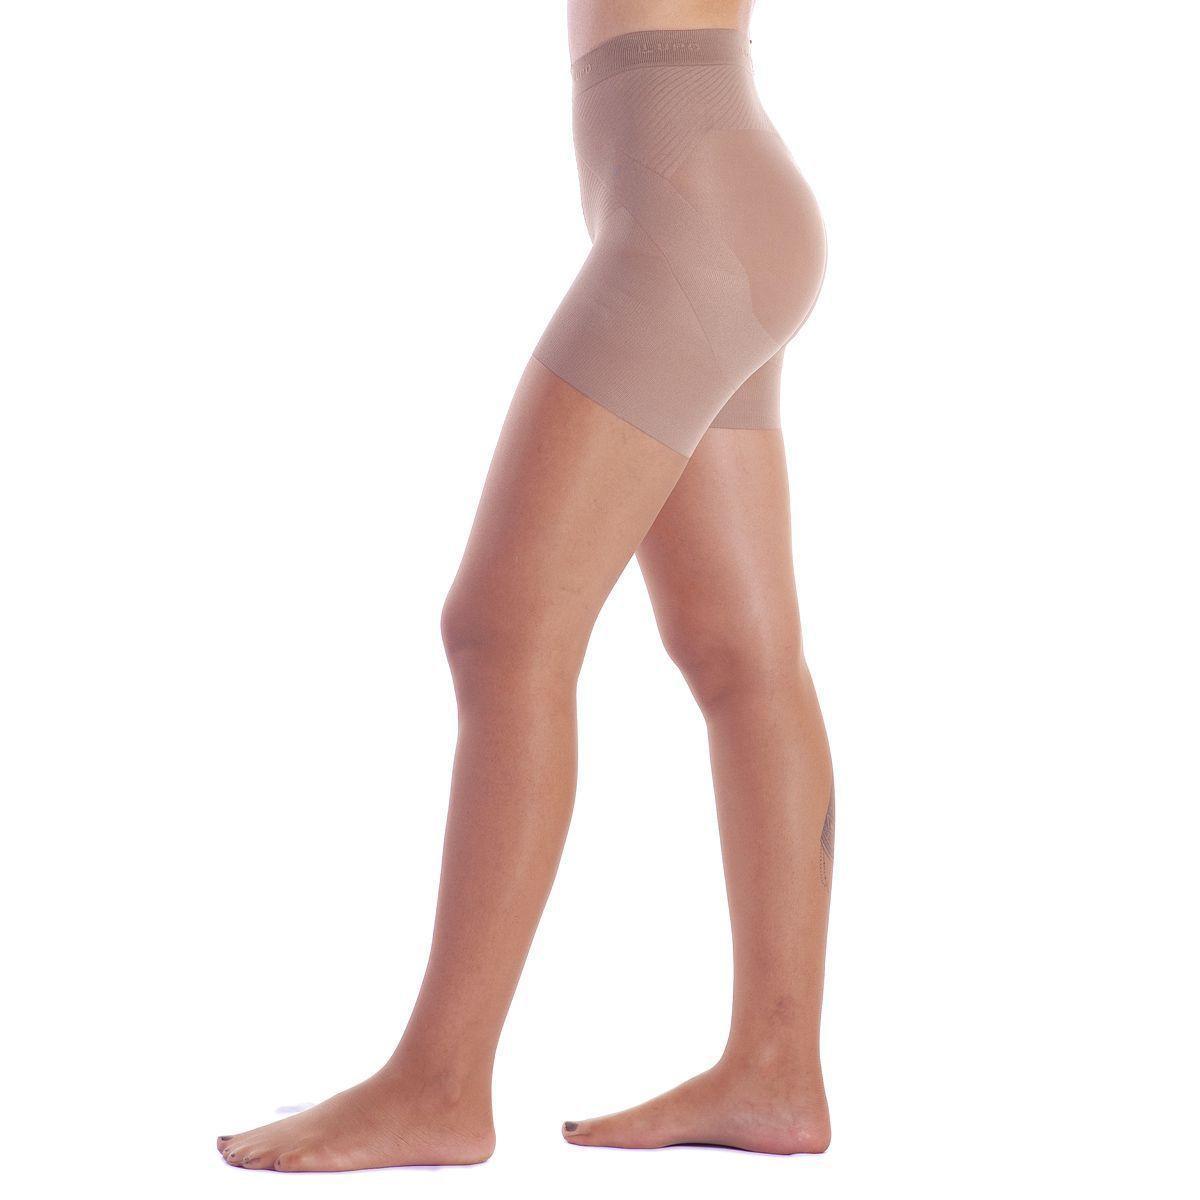 Meia Calça Modeladora Up Line Loba Reduz Barriga Culote Levanta Bumbum Fio 15 Lupo 5895